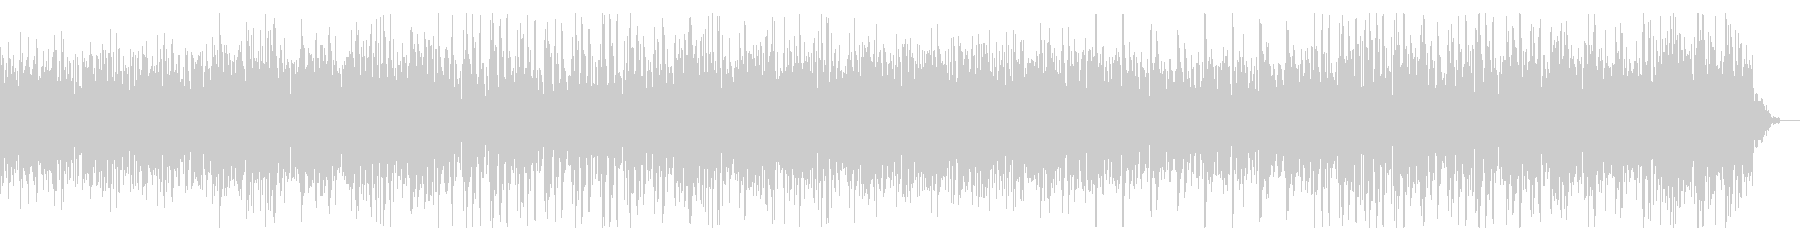 ノイジーでホラーテイストなBGMの未再生の波形